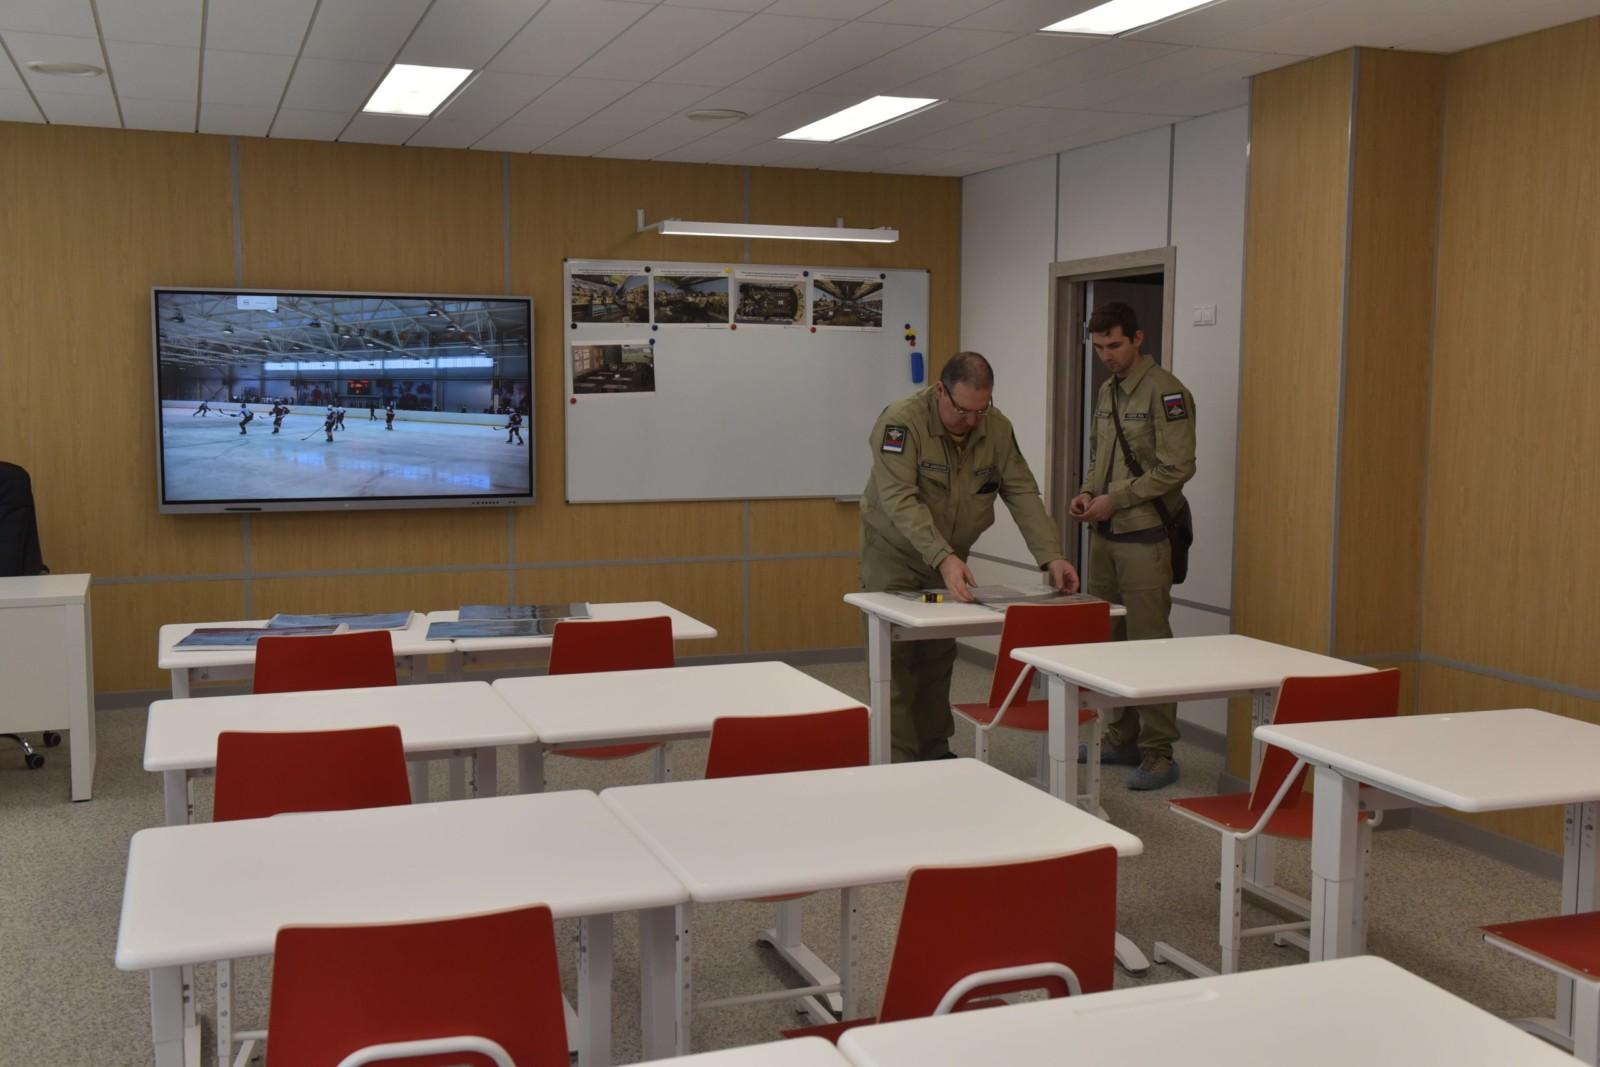 Как строится новый кадетский корпус в Омске? (ФОТОРЕПОРТАЖ)